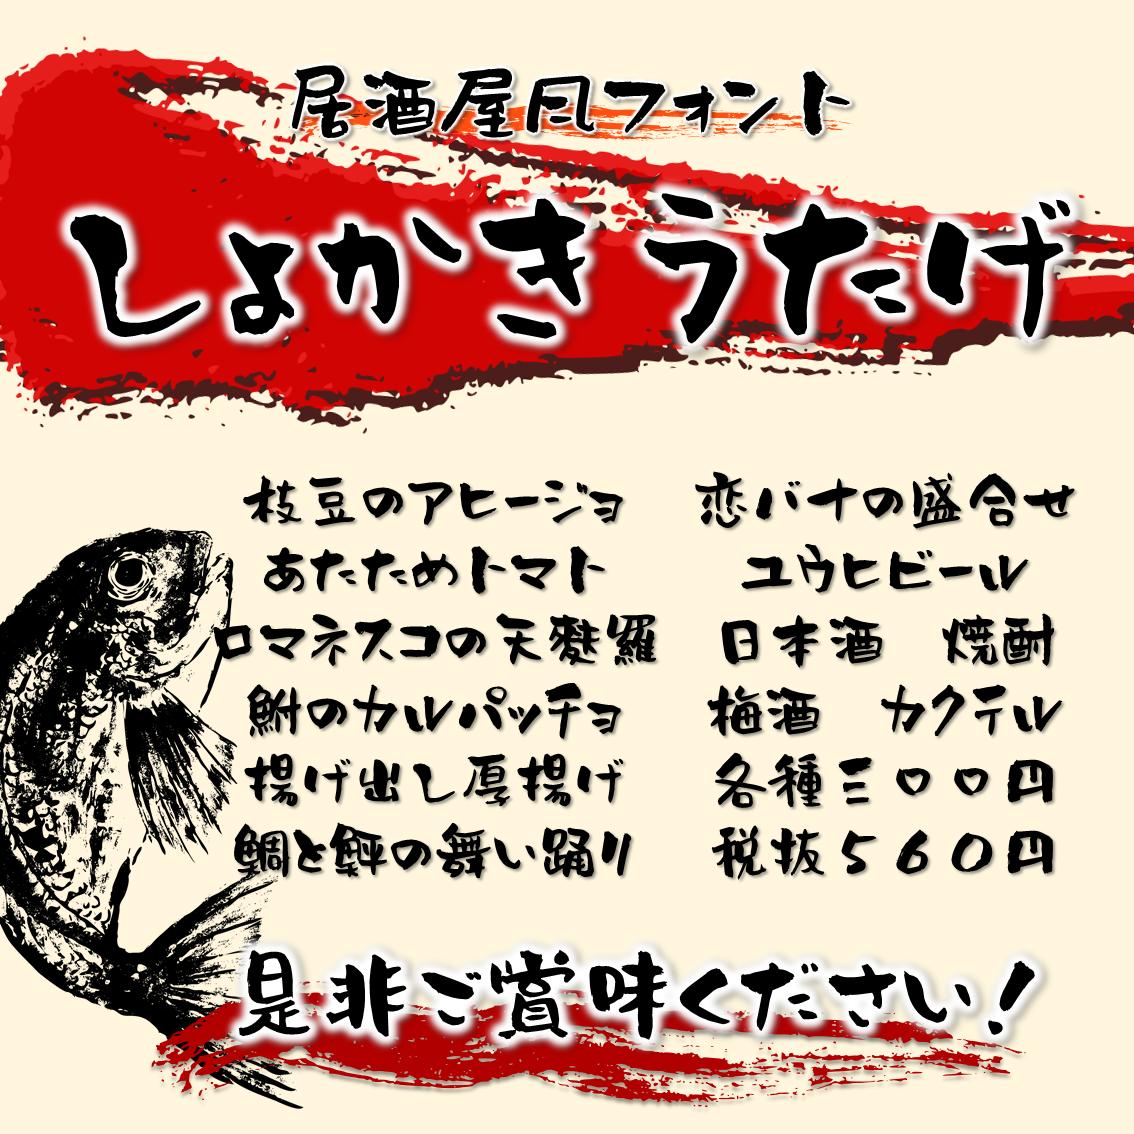 f:id:shokaki:20200417110218p:plain